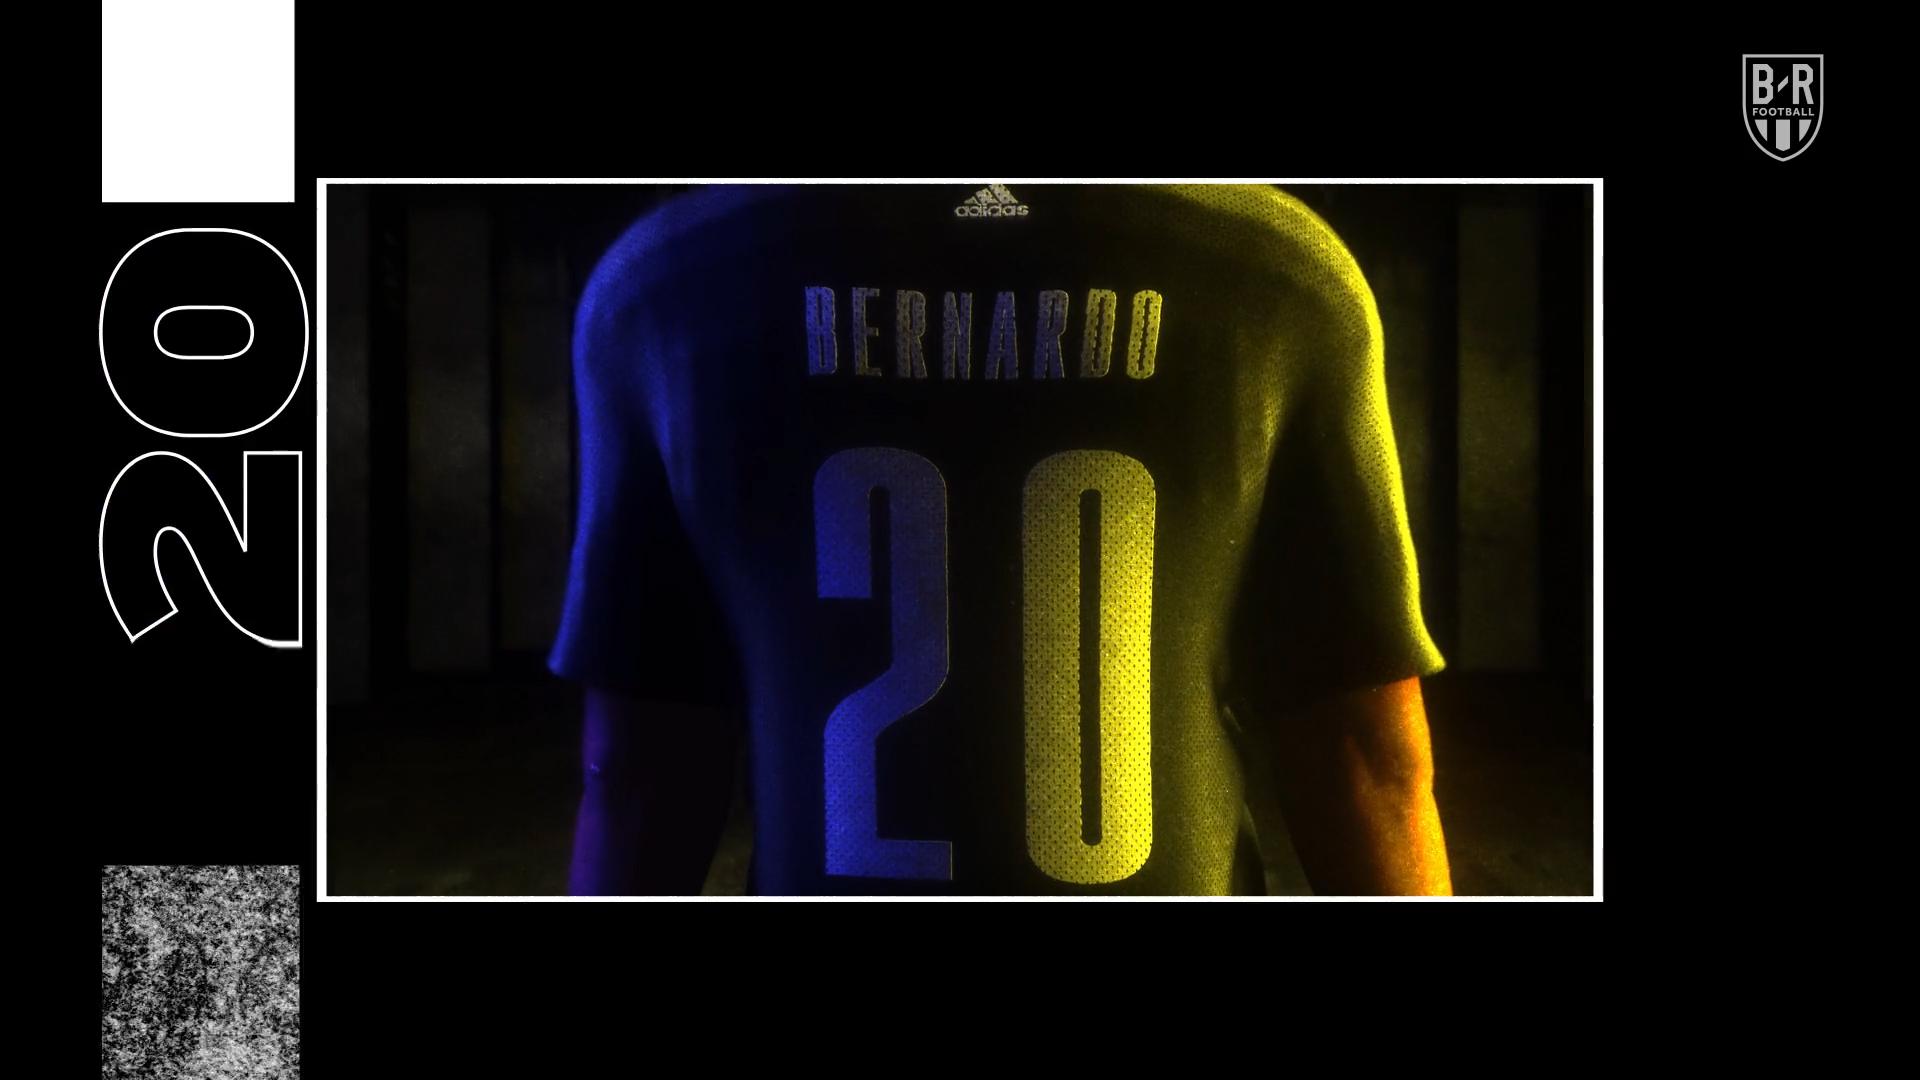 bernardo-shirt_00107.jpg